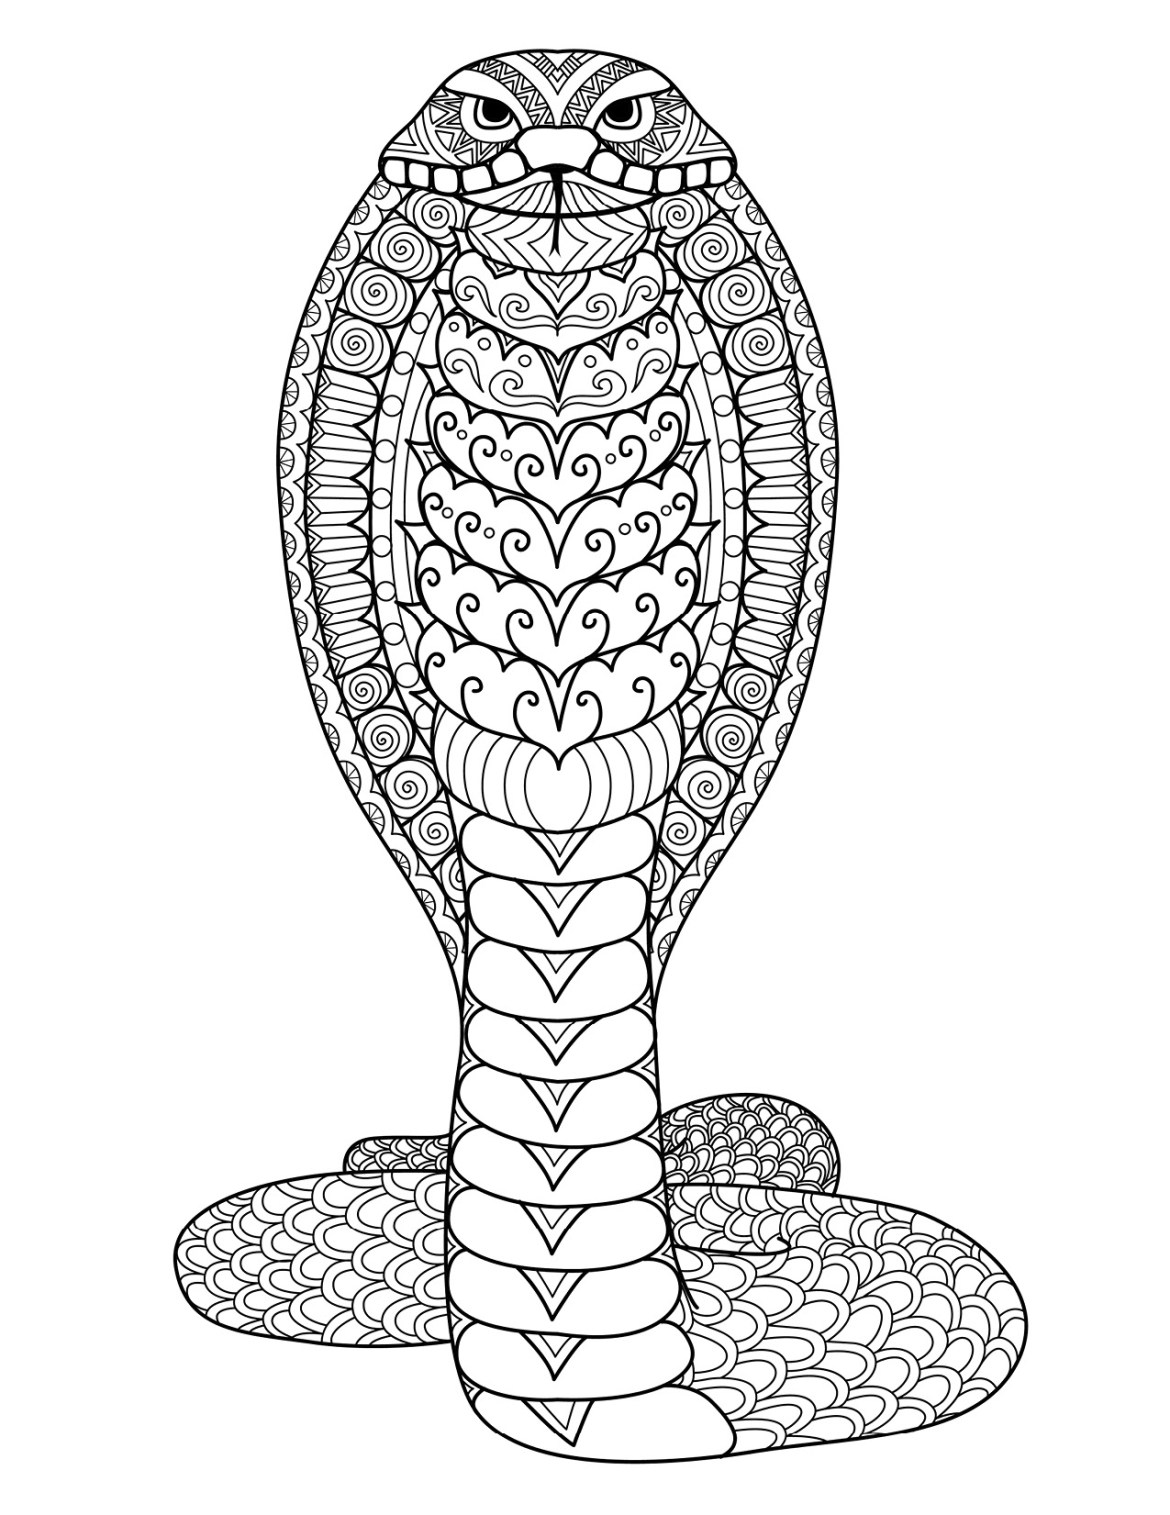 Coloriage Animaux Serpent.Coloriage Gratuit Serpent Cobra A Imprimer Par Bimbimkha Artherapie Ca